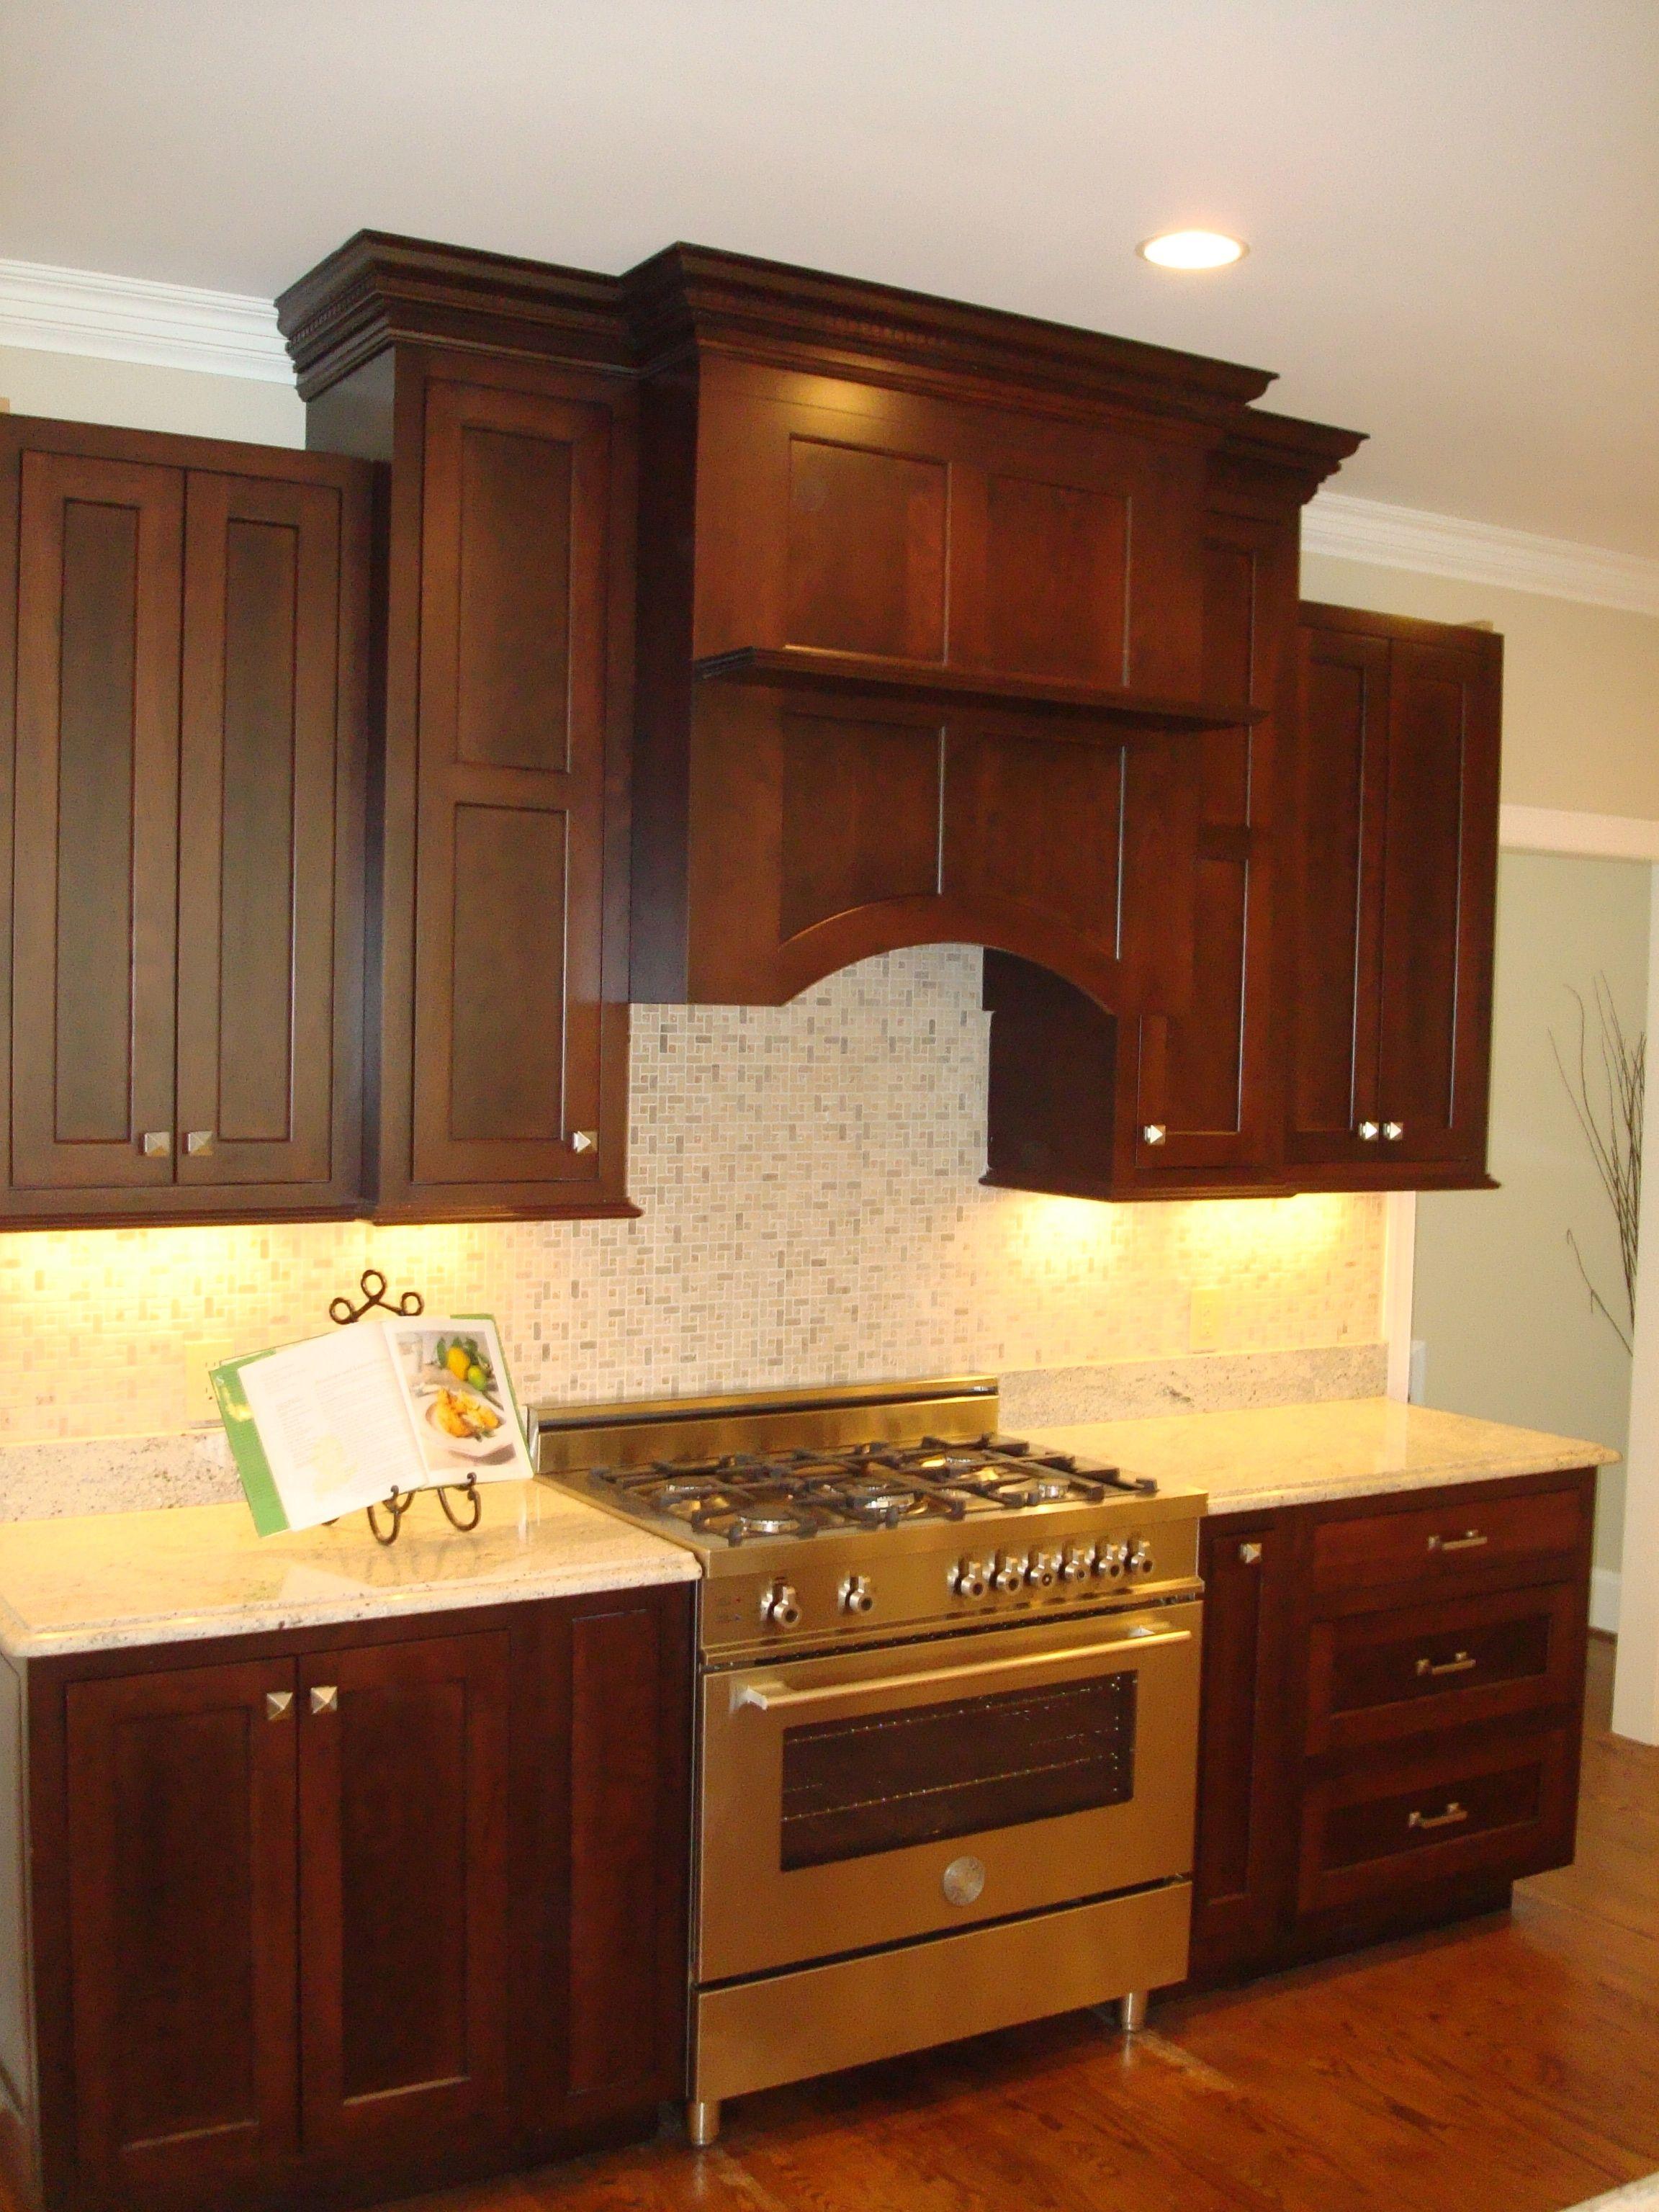 Hagerstown Kitchens Inc Kitchen Kitchen Cabinets Home Decor